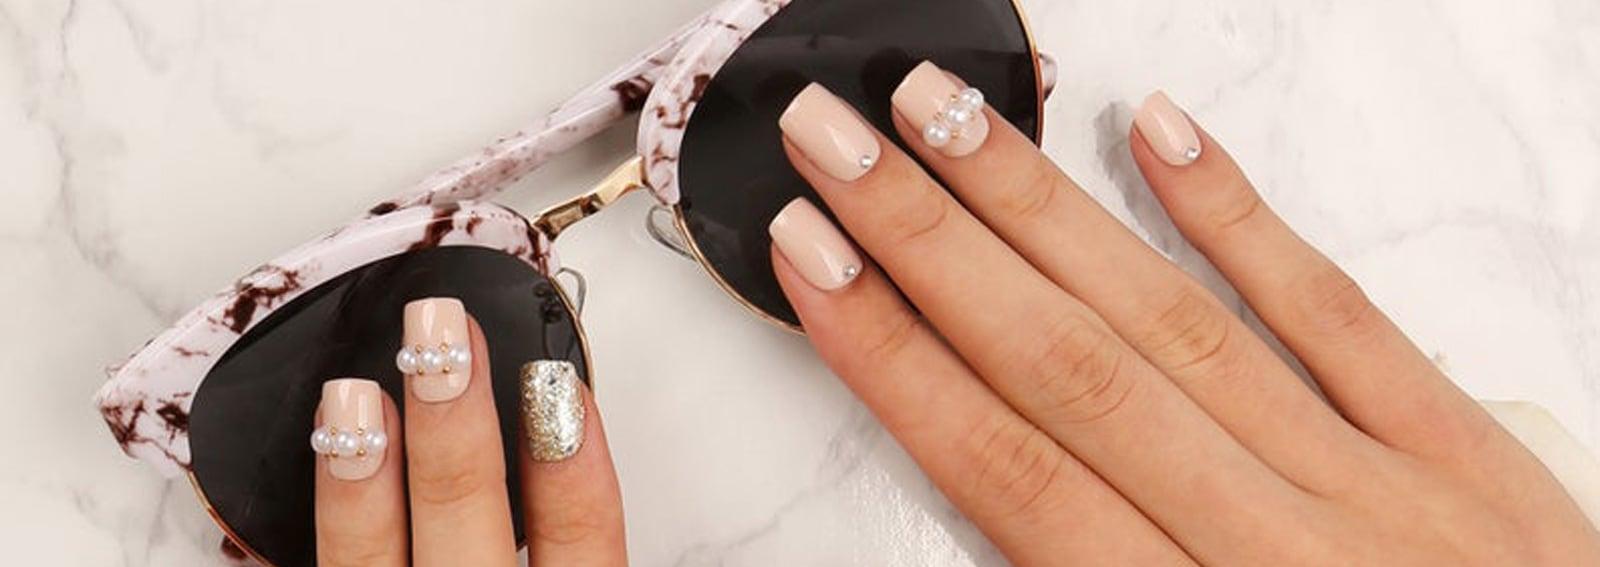 parl-nail-art-unghie-con-le-perle-tendenze-manicure-autunno-inverno-2019-2020-cover-desktop-01